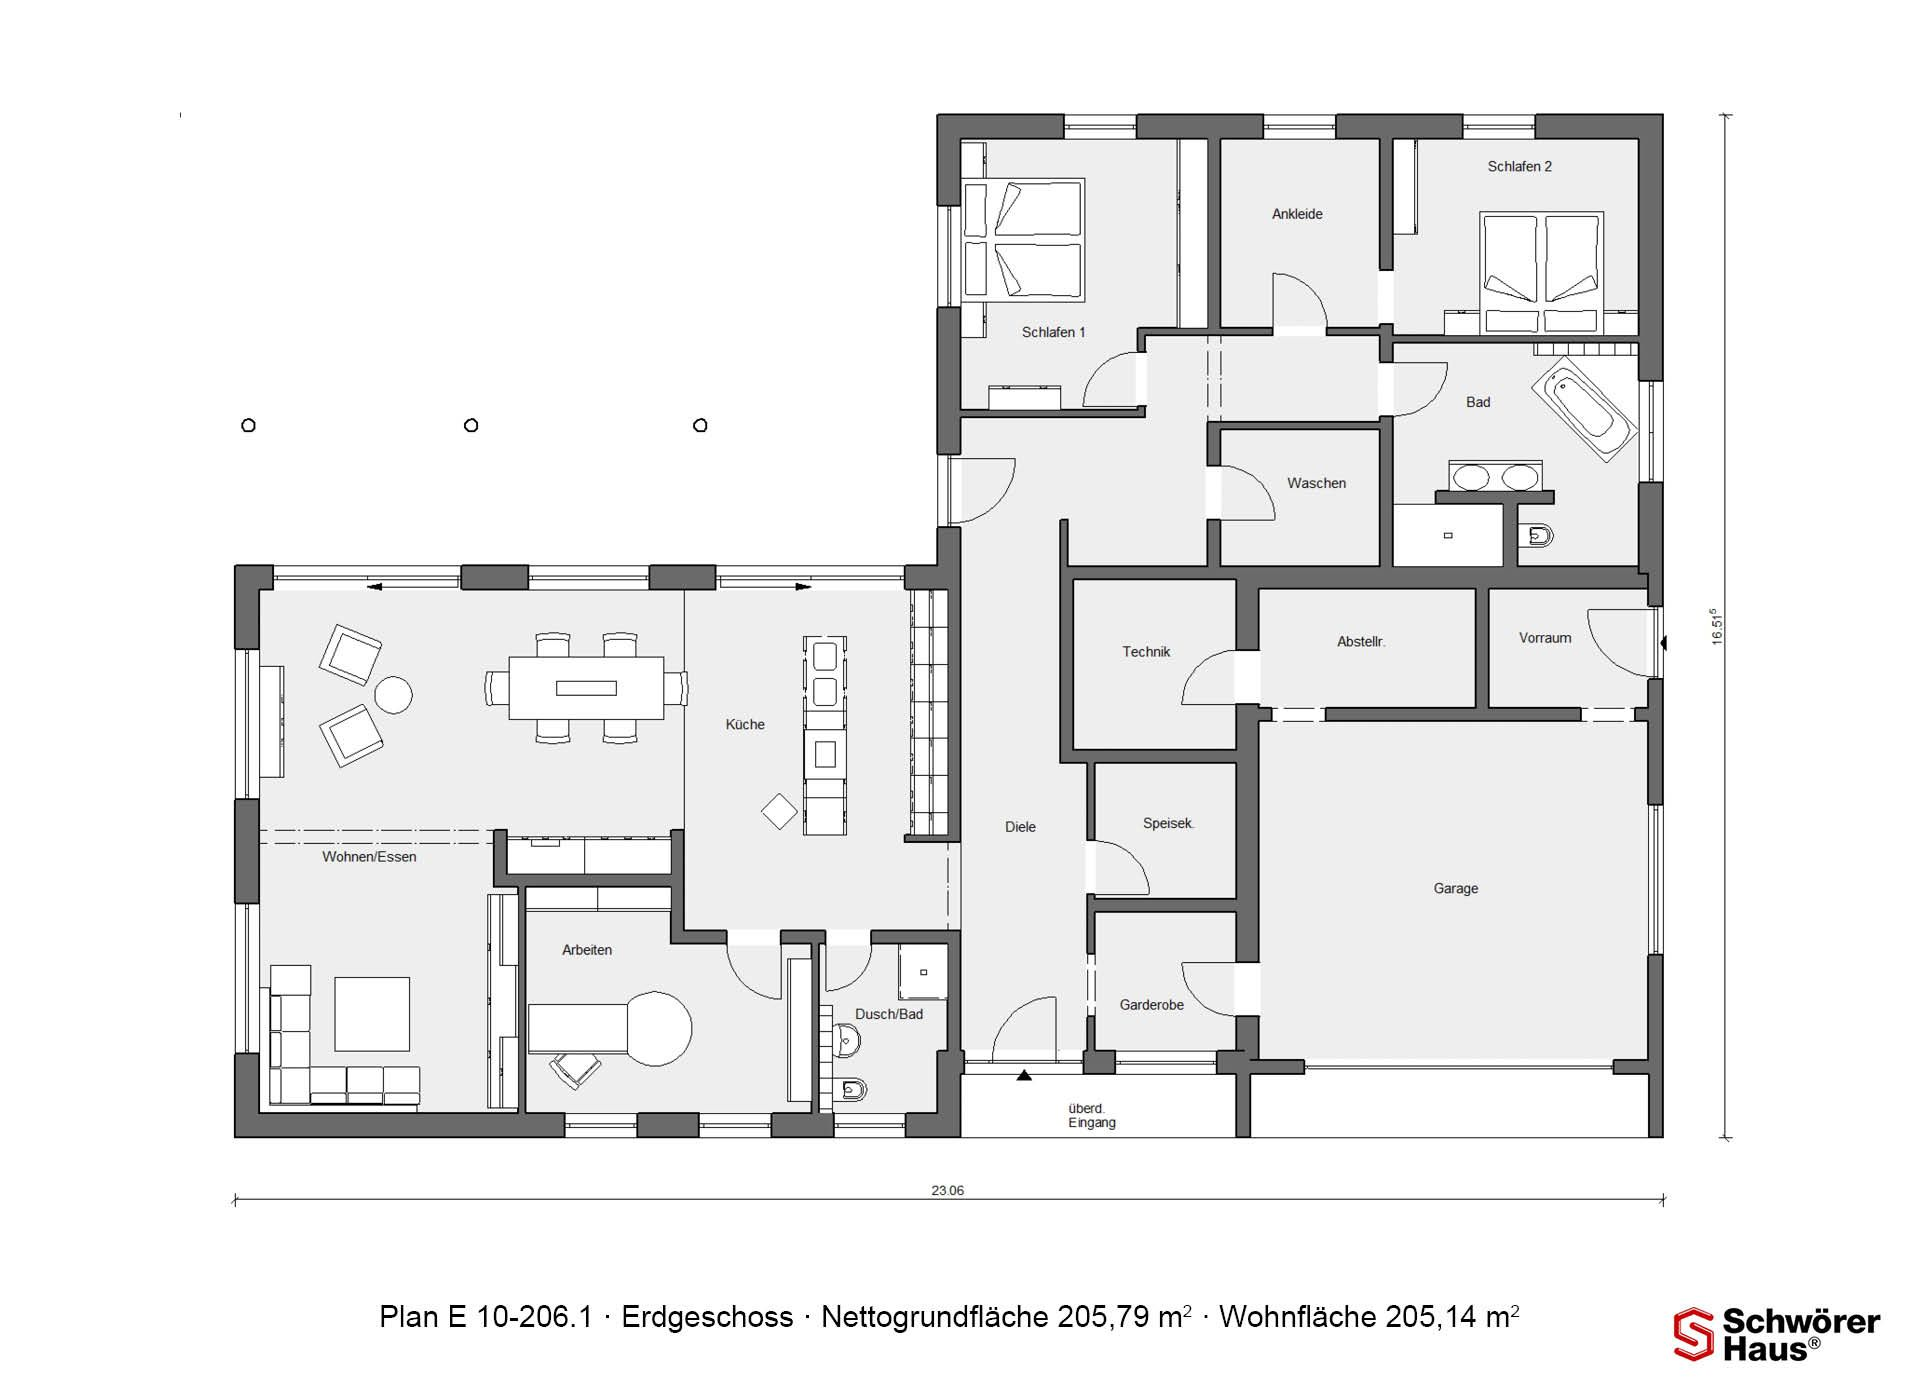 Grundriss erdgeschoss e 10 206 1 bungalow in l form - Bungalow l form ...